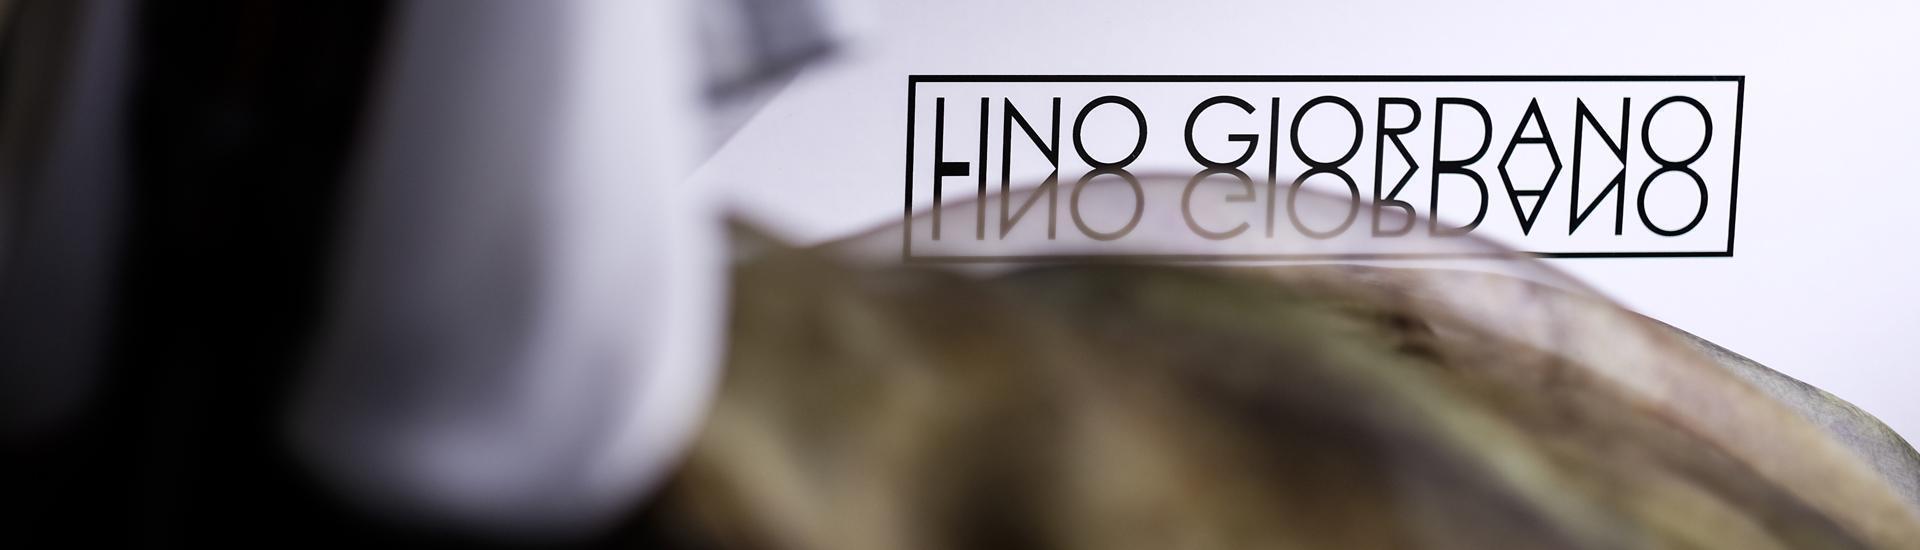 Lino Title